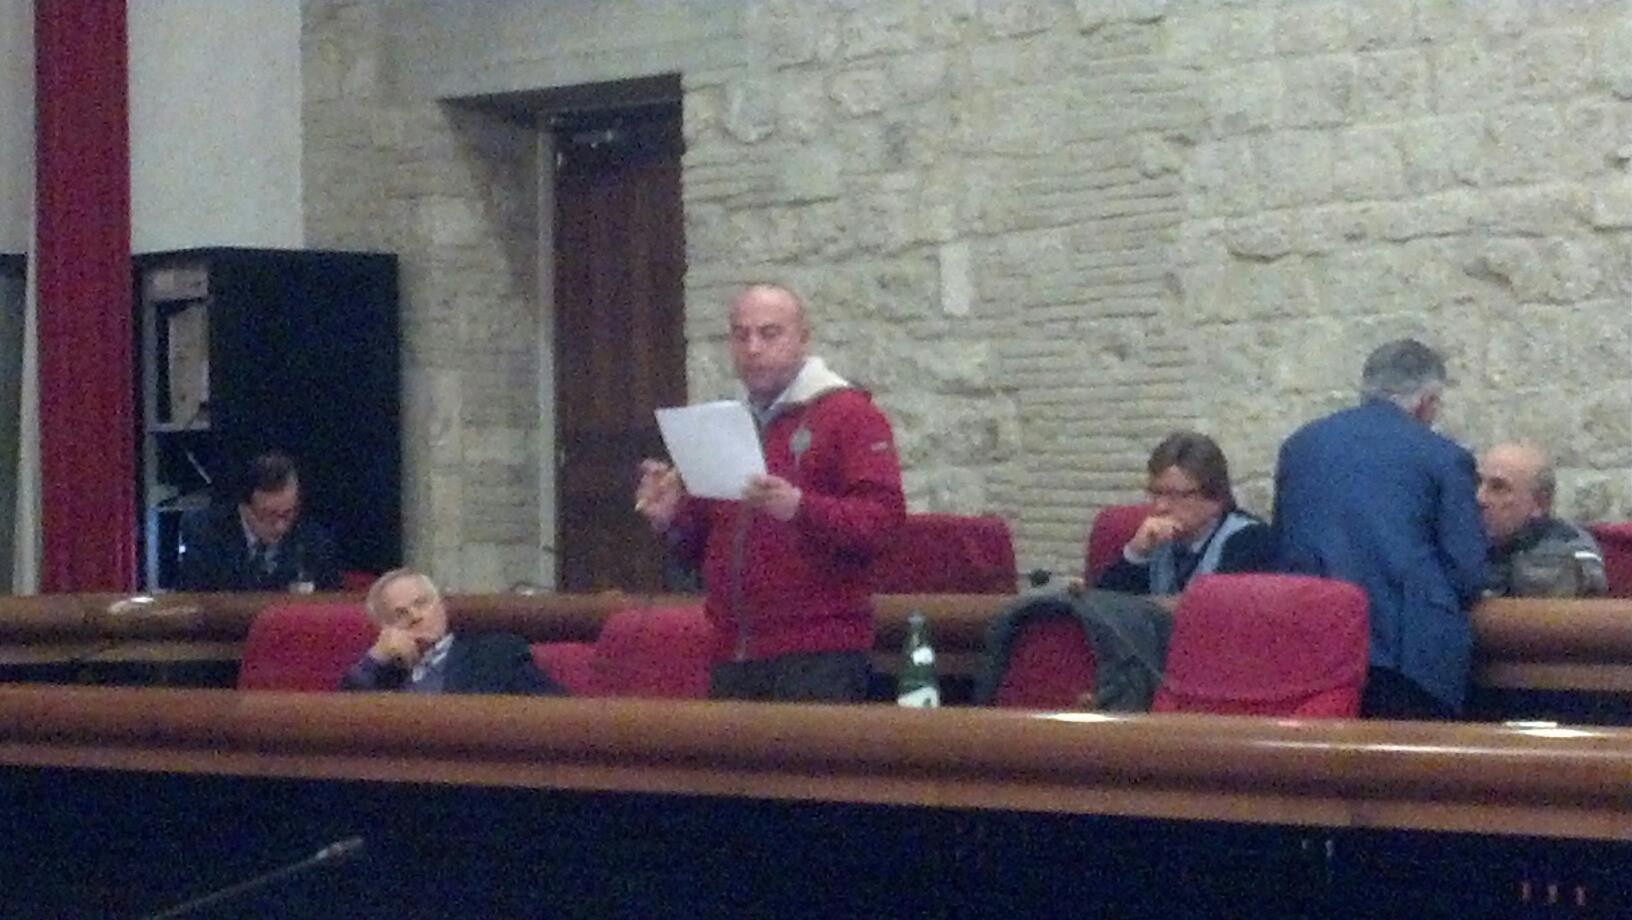 Regnicoli in consiglio comunale, vicino a lui Bastiani, di spalle Canzian, a sinistra Marcucci